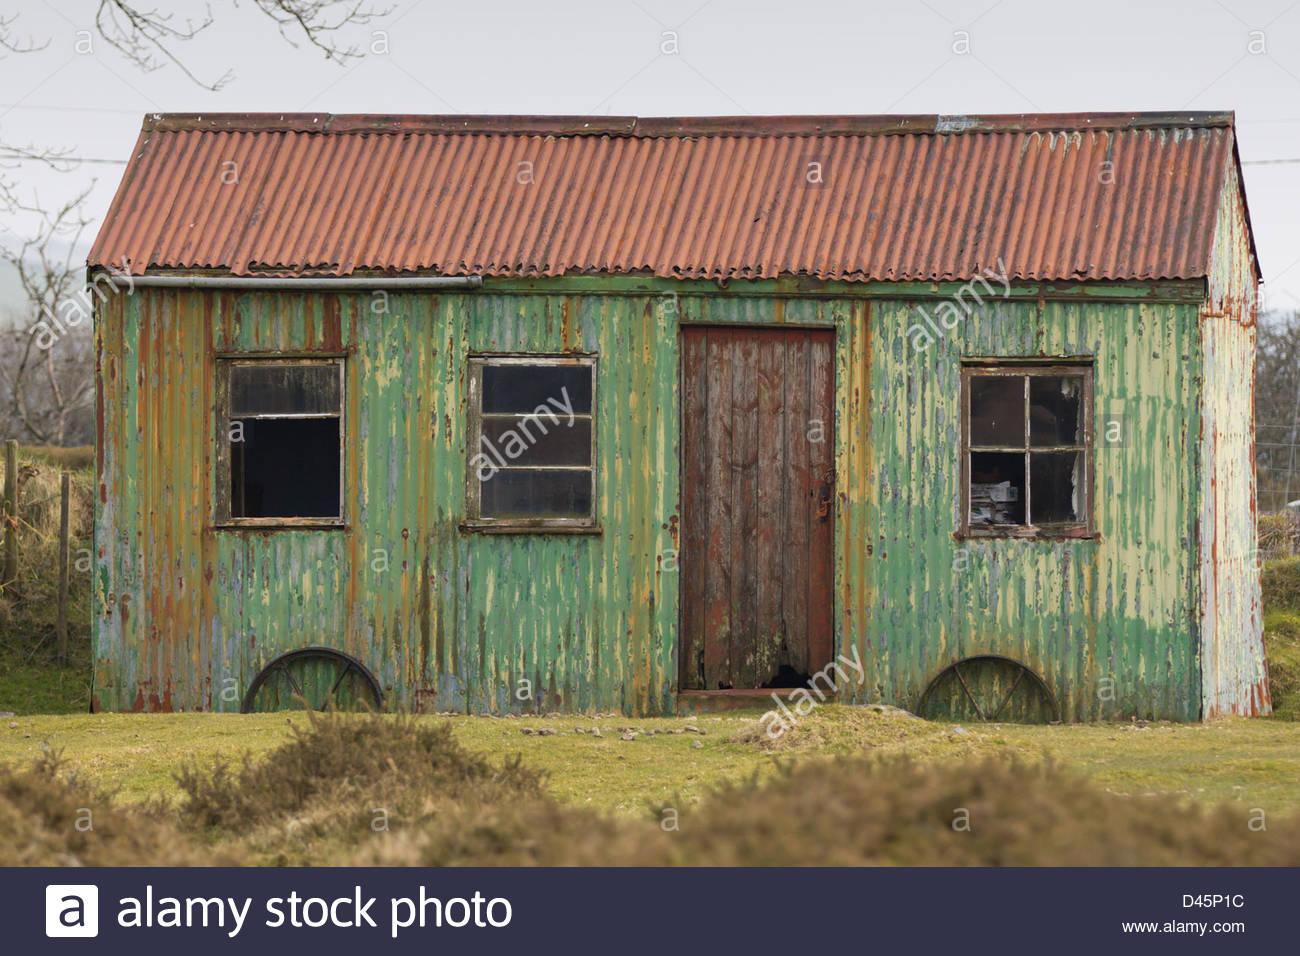 Corrugated Iron Shed Stock Photos Amp Corrugated Iron Shed